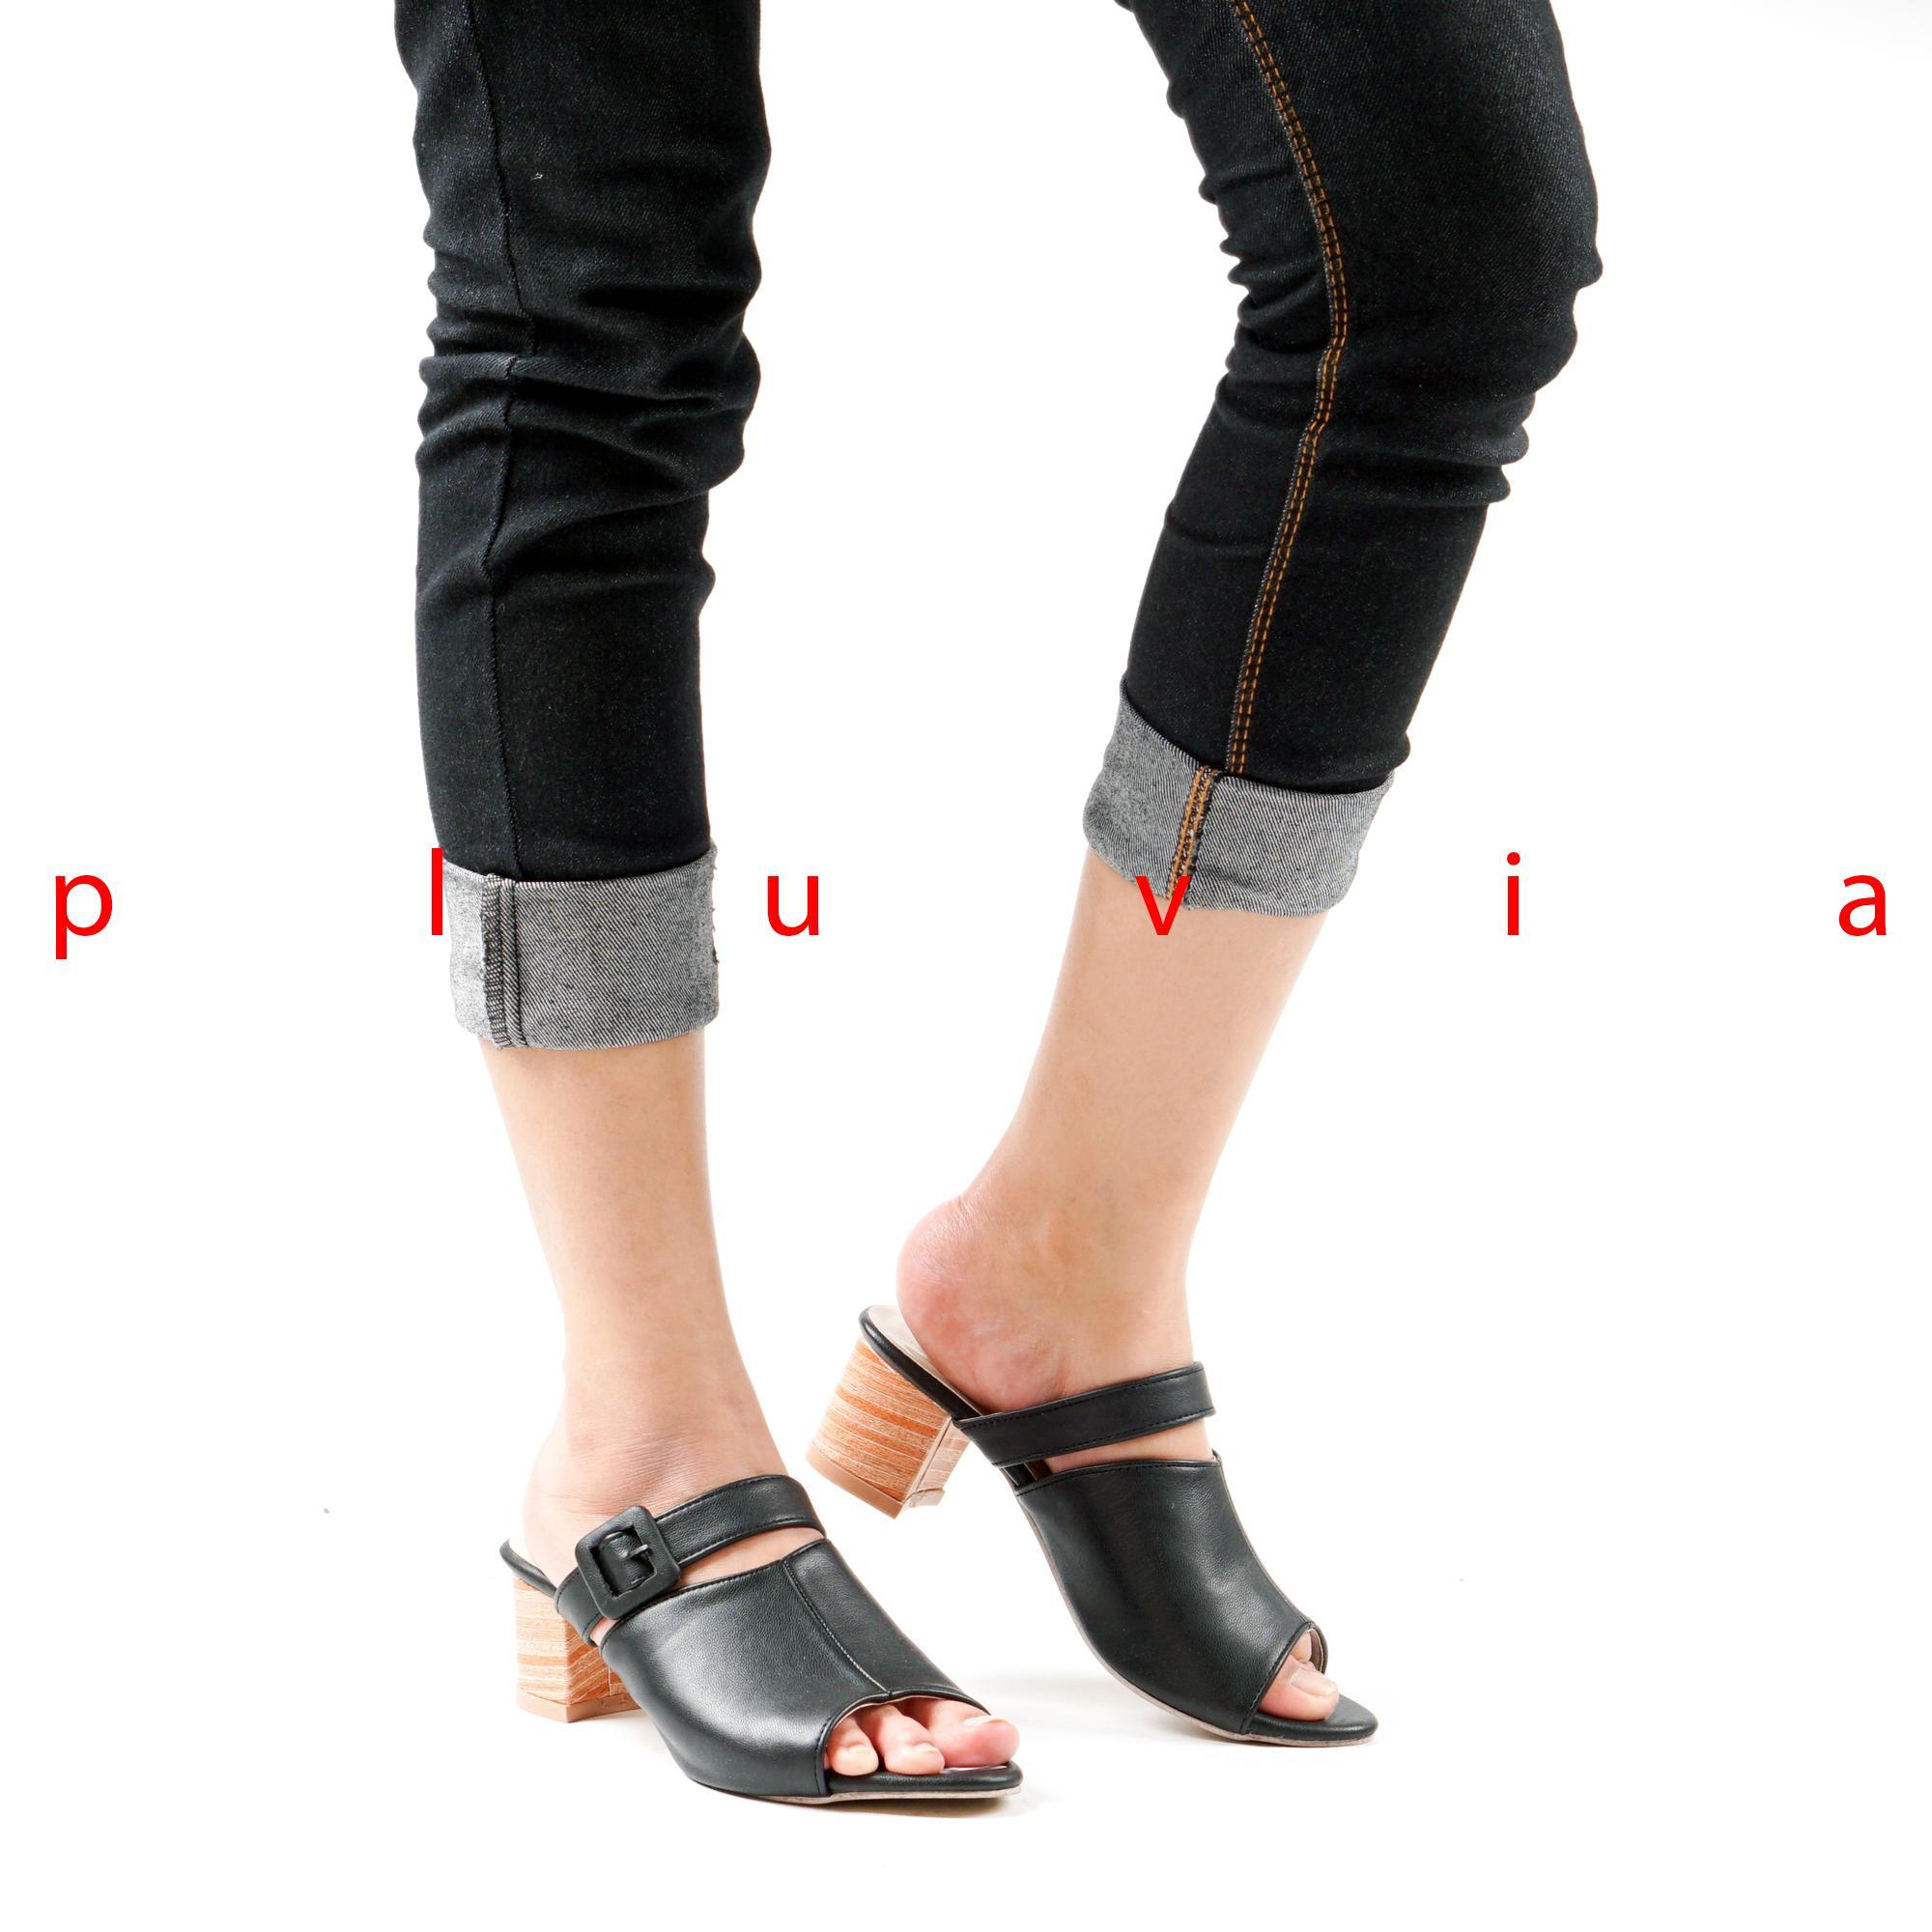 Sepatu High Heels Wanita Hak Tahu Hitam Daftar Harga Terkini Dan Fs62 Coklat Detail Gambar Pluvia Sandal Pesta Ck04 Terbaru